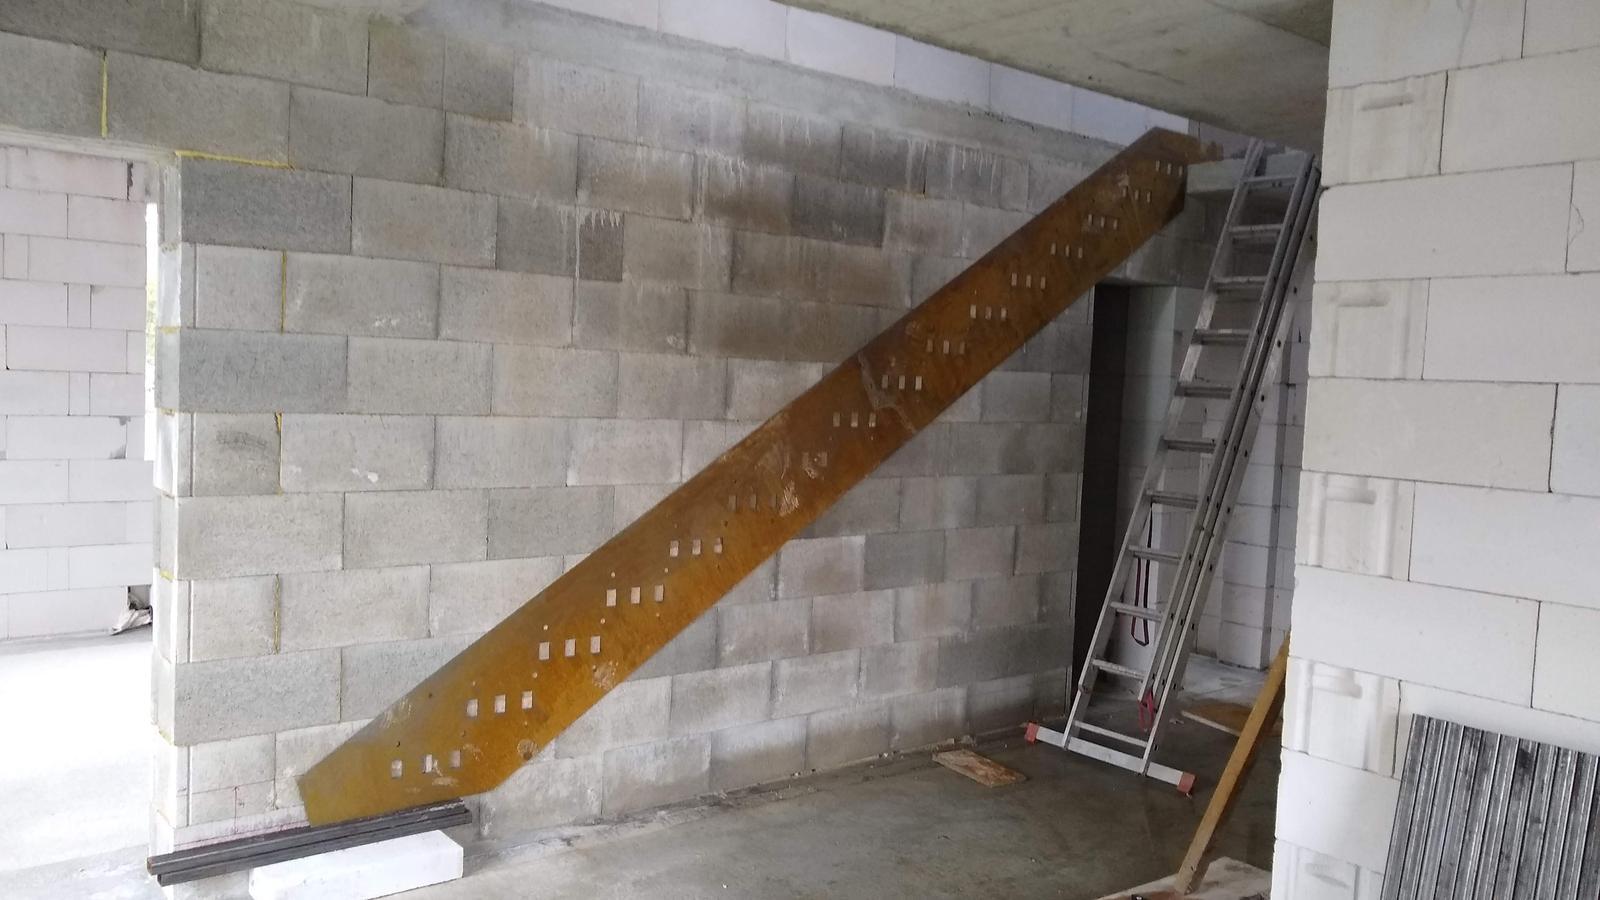 Konzolove schodisko (samonosne schody) - šablona pripravena z 2mm plechu (na zaznacenie spravnej vysky a otvorov na schodnice)